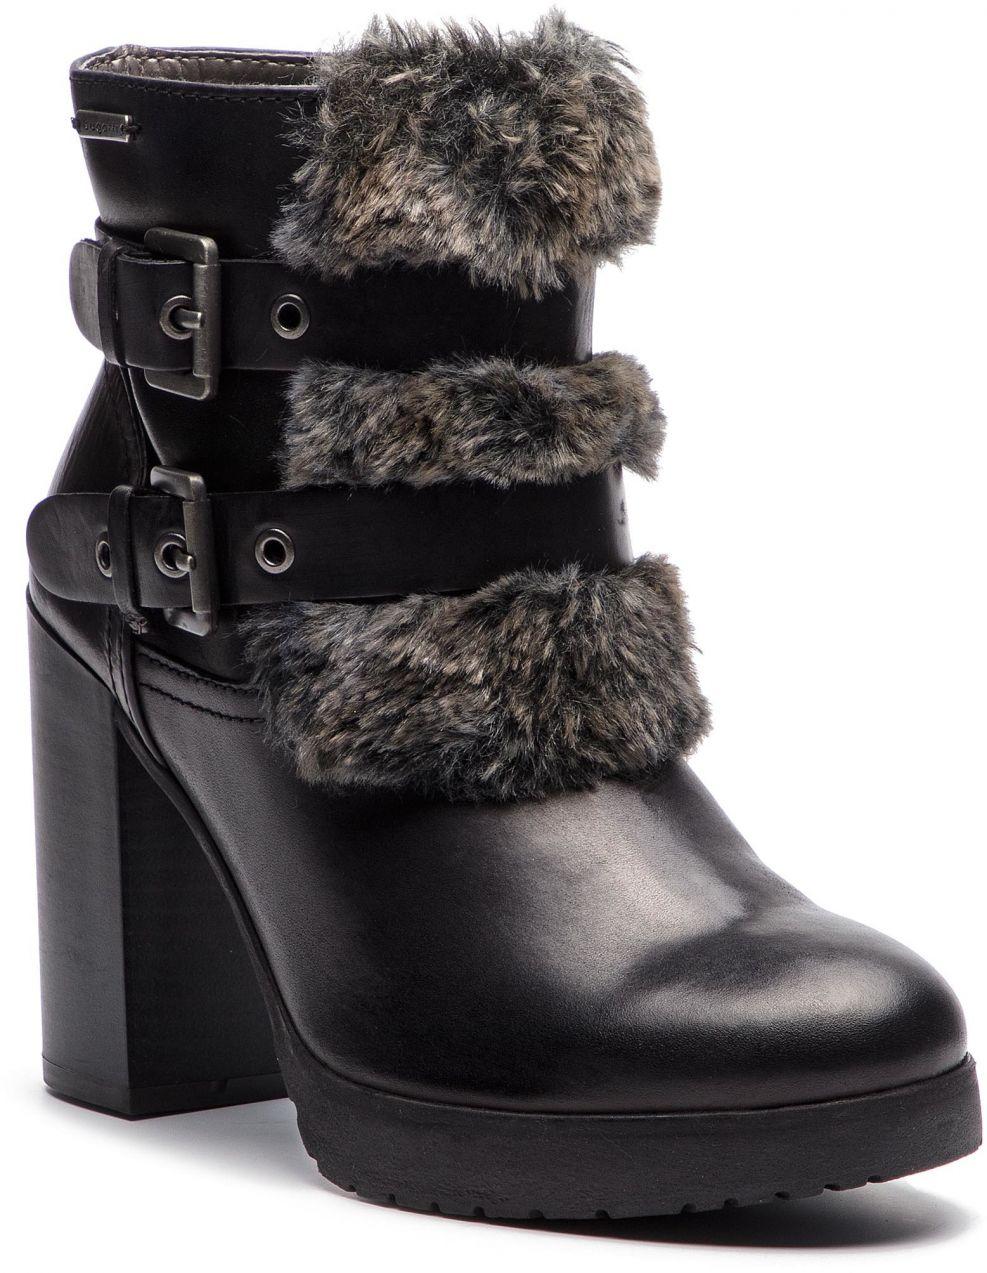 d5545f2c7 Členková obuv BUGATTI - 411-55931-1069-1011 Black/Dark Grey značky ...